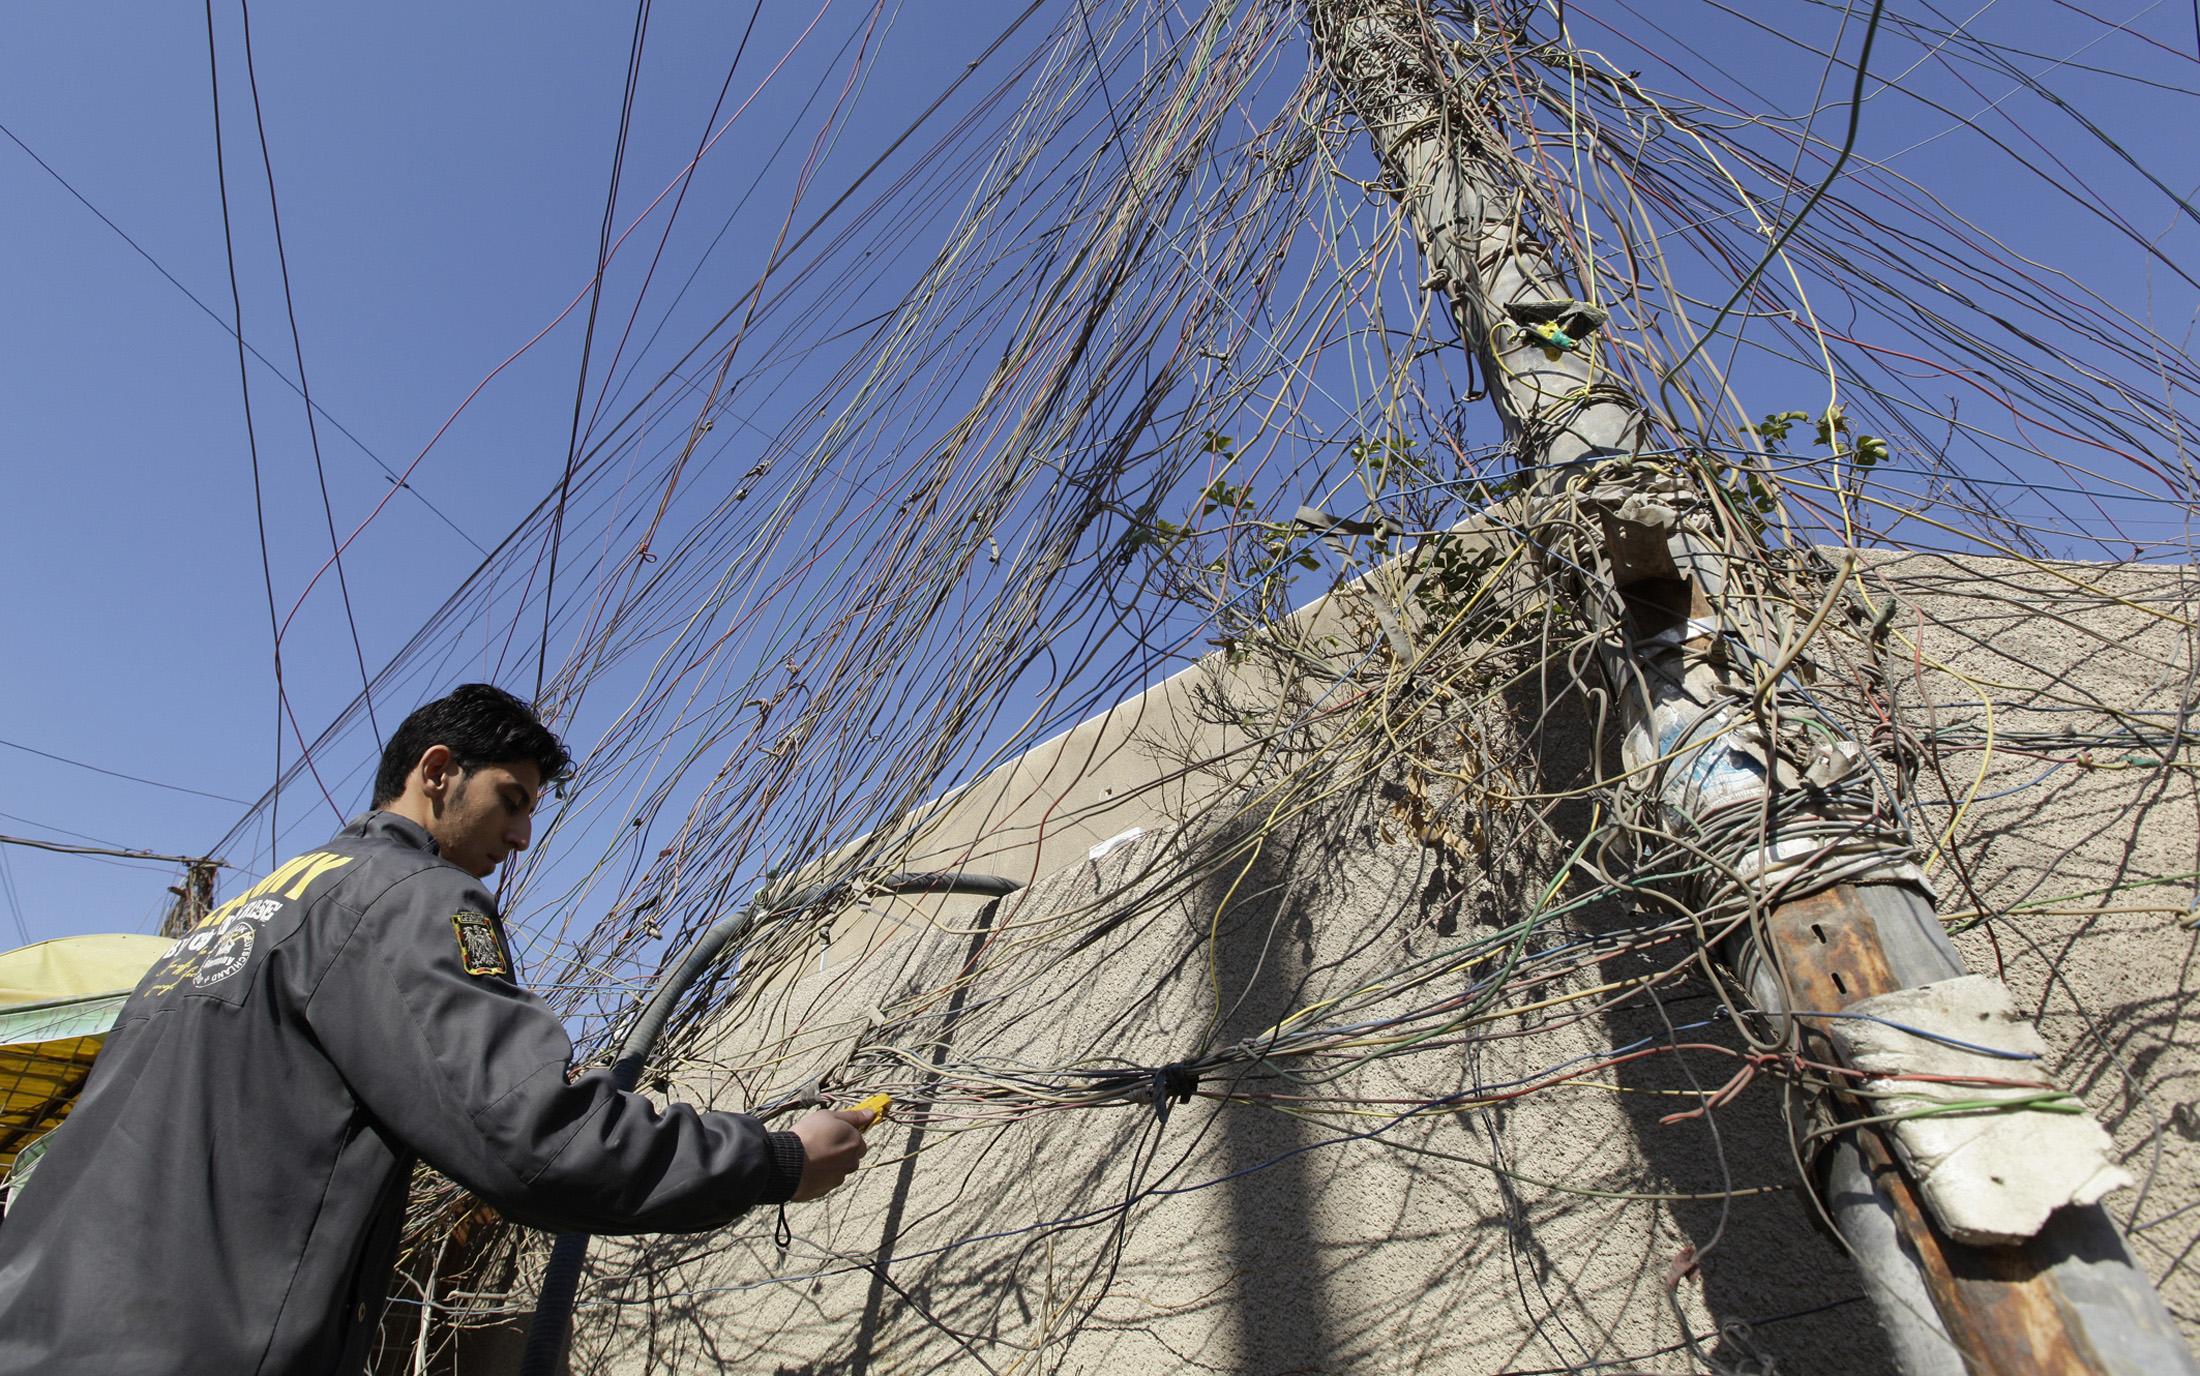 مجلس البصرة يكشف أسباب أزمة الكهرباء صيفاً